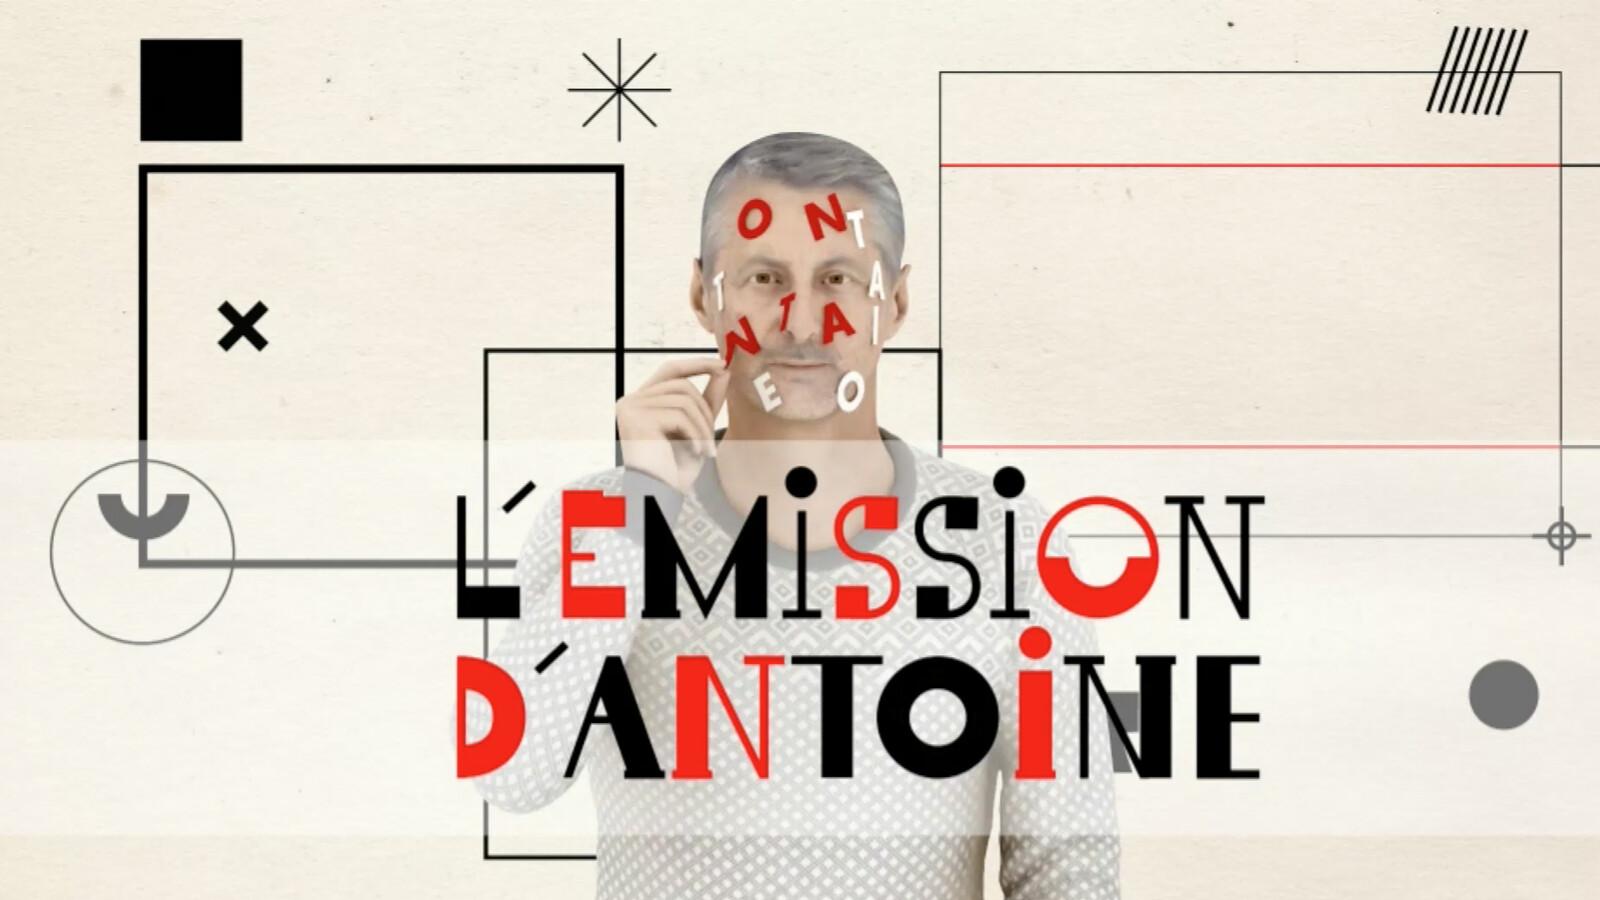 Emission d'Antoin - CANAL+ - TEASER